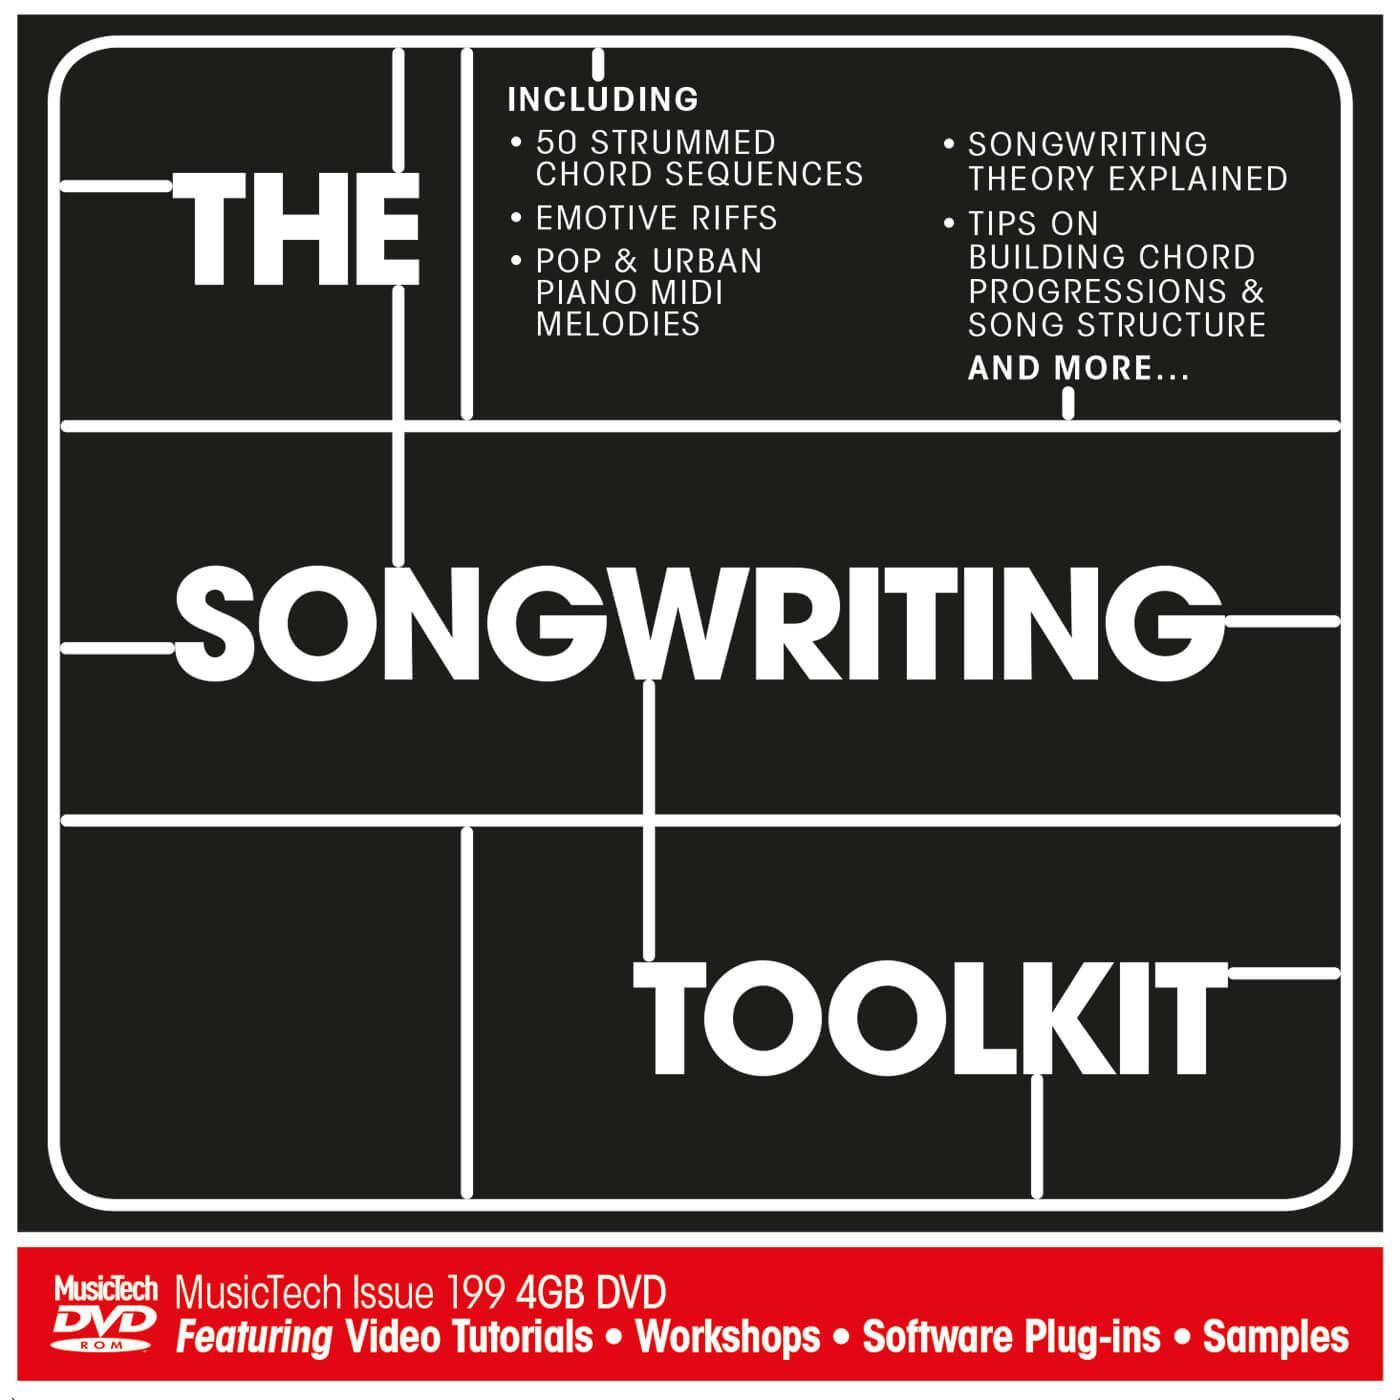 MusicTech - DVD Download Area